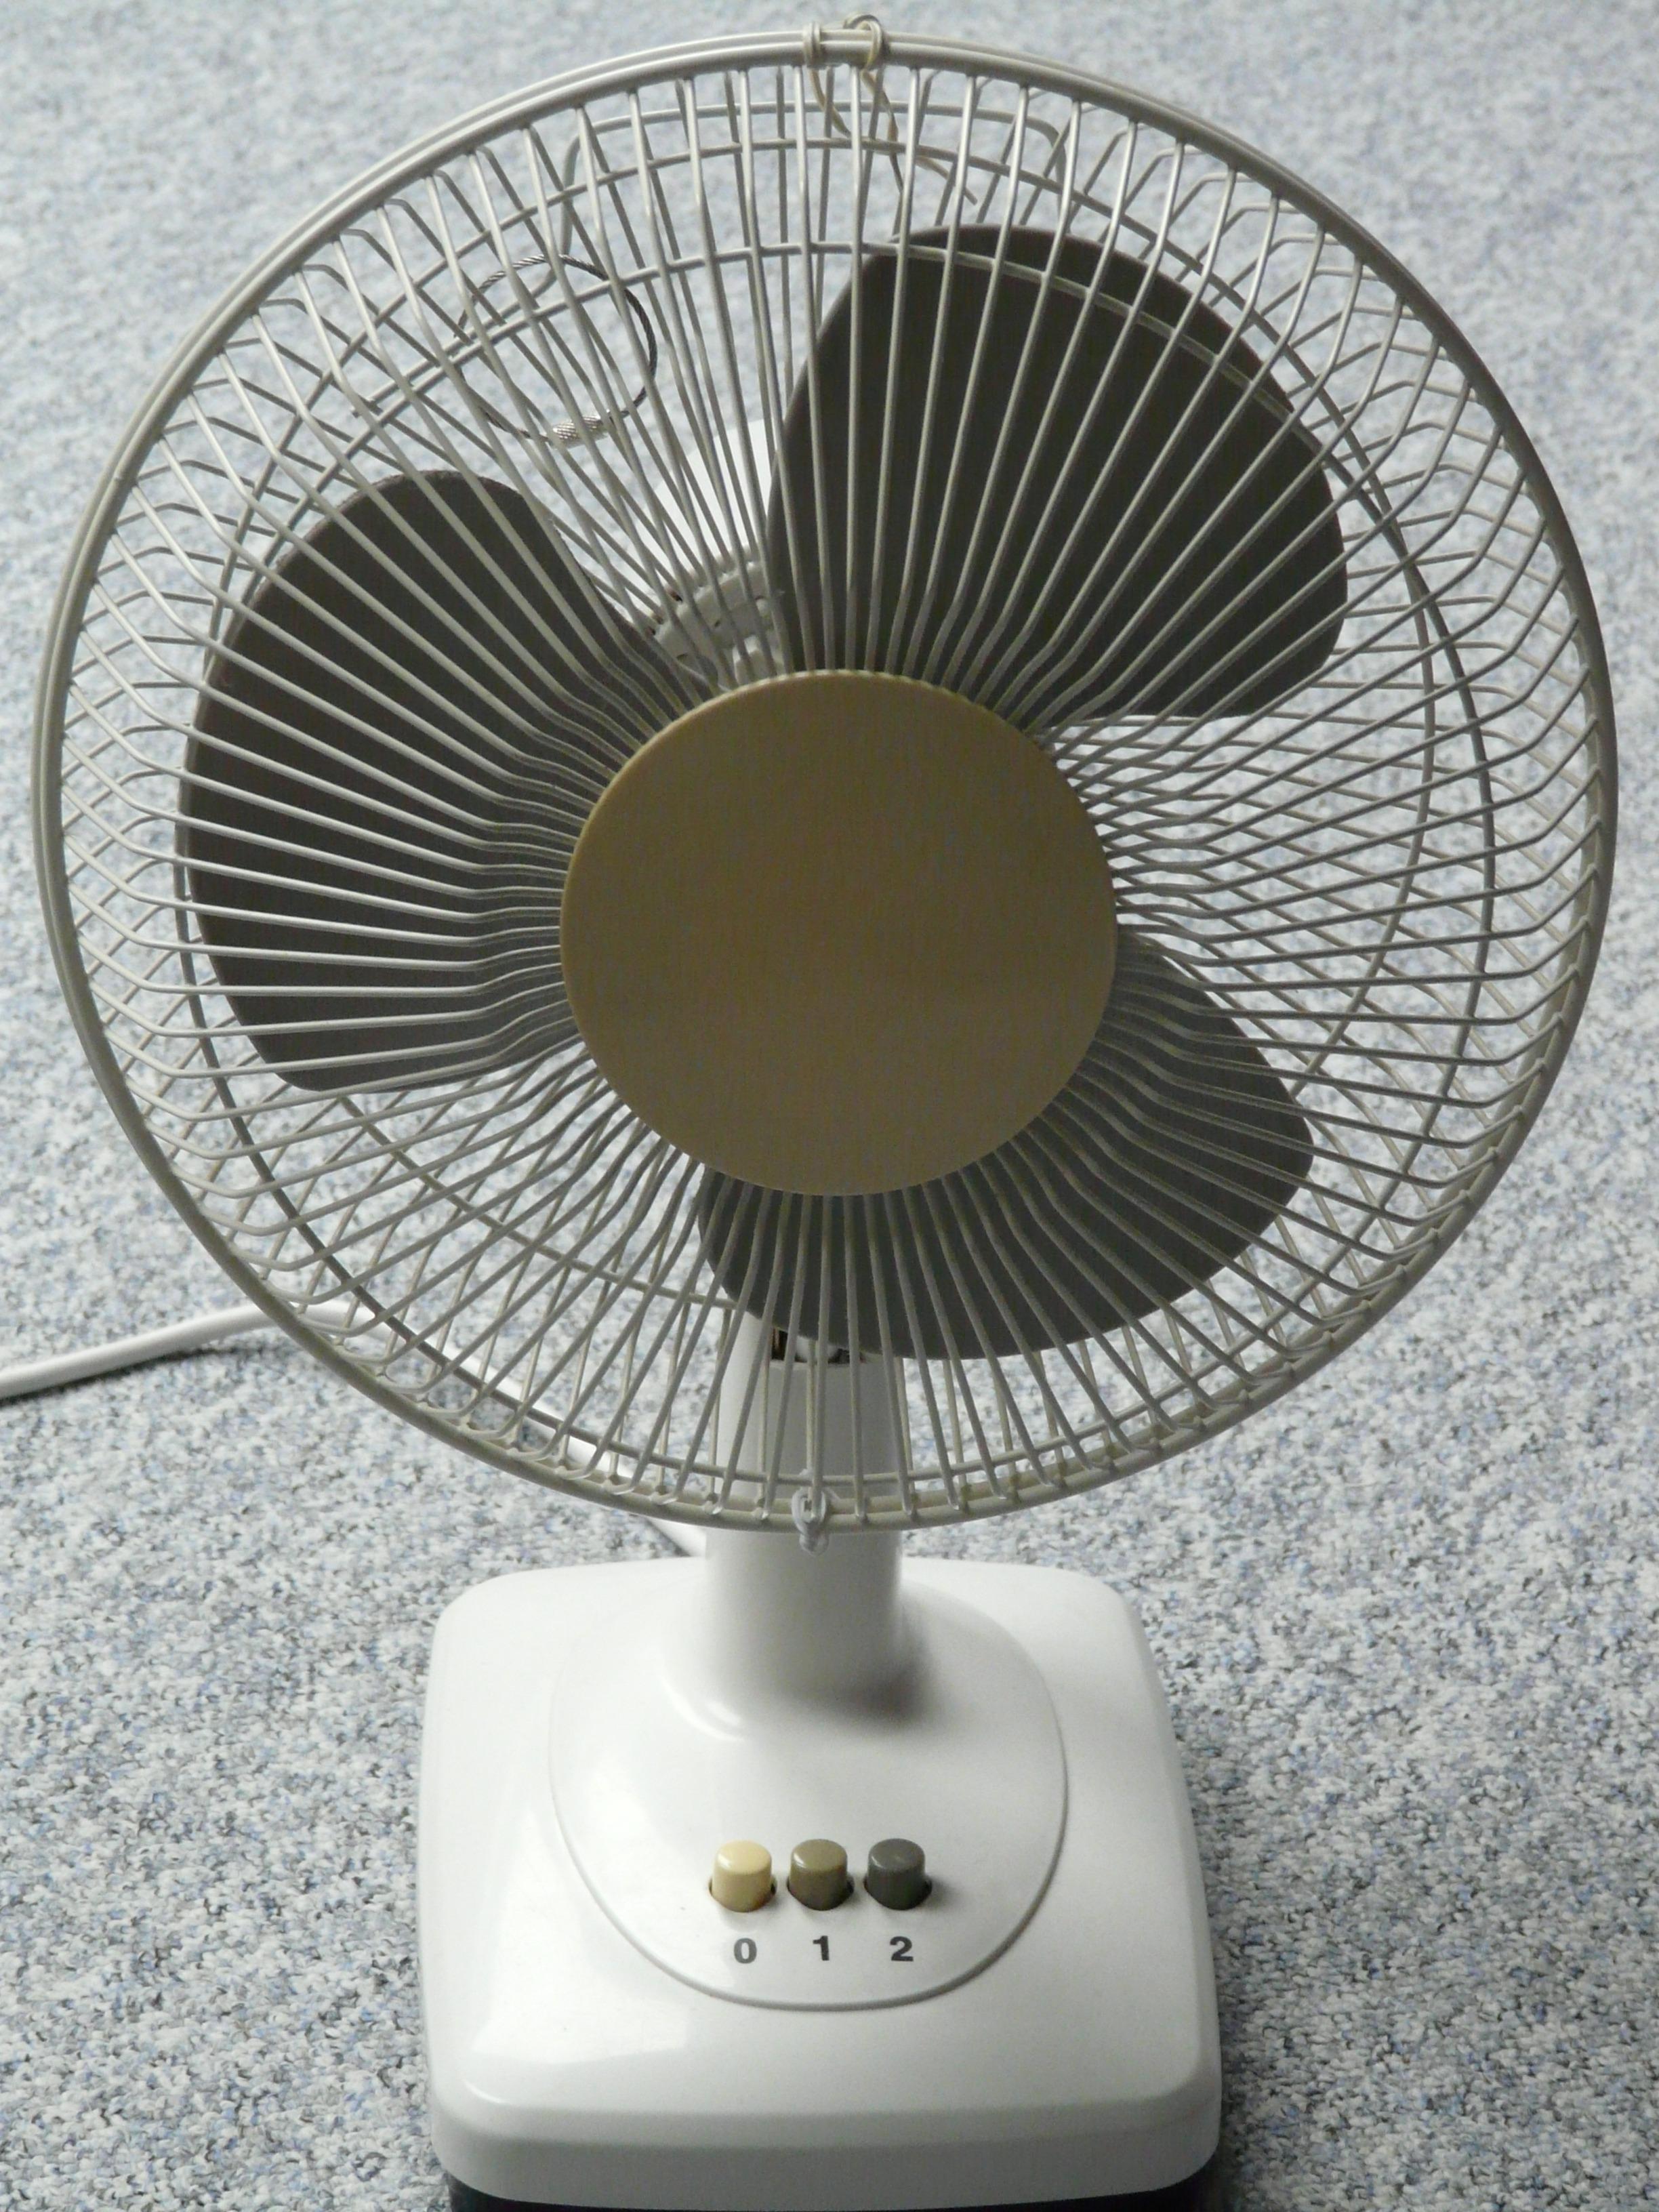 Wheel Warm Wind Summer Spoke